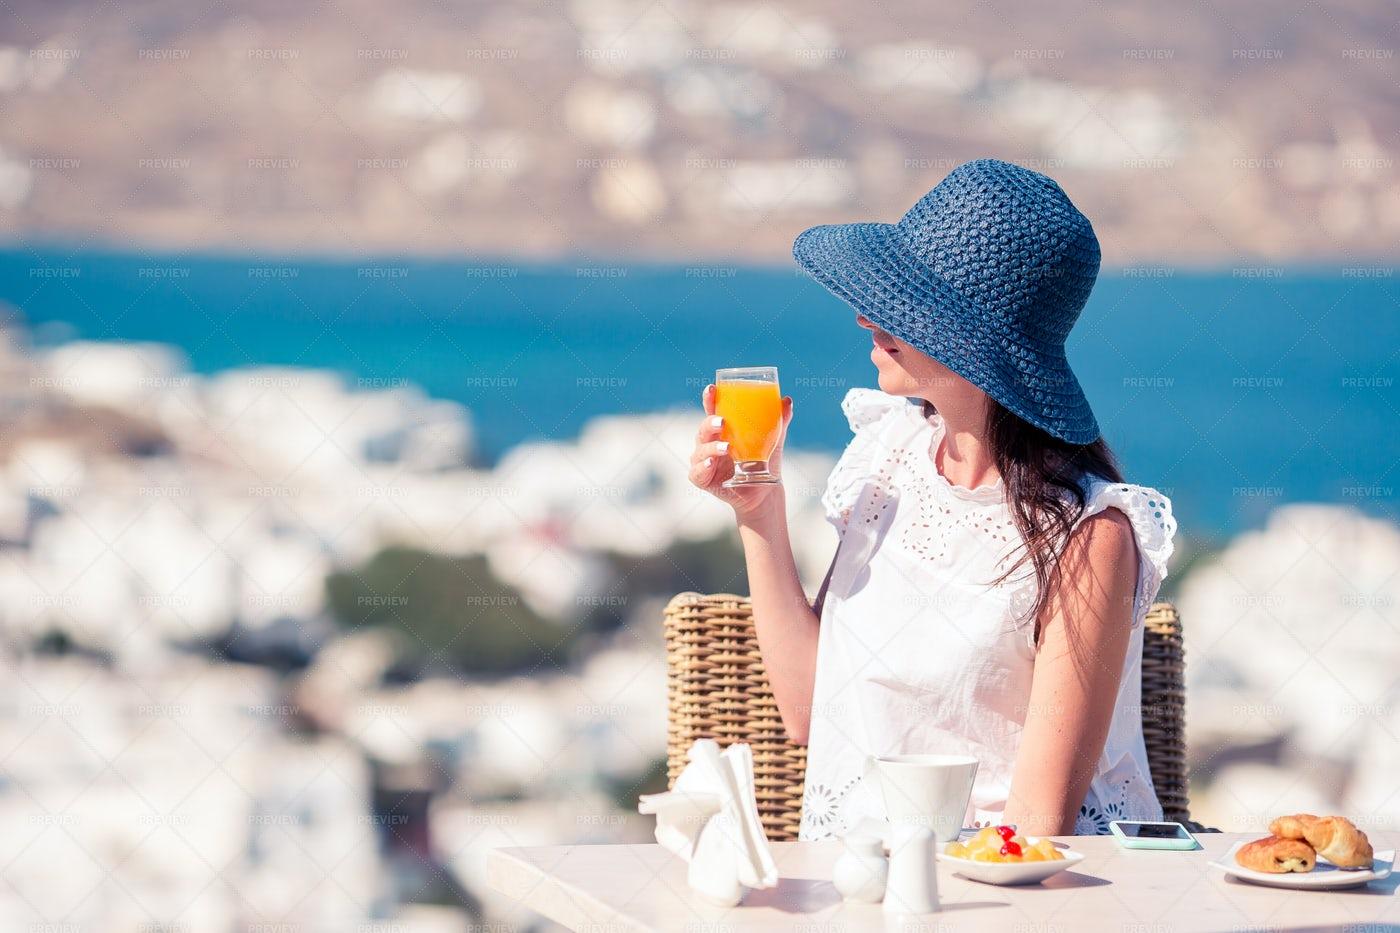 Tourist Having Breakfast: Stock Photos